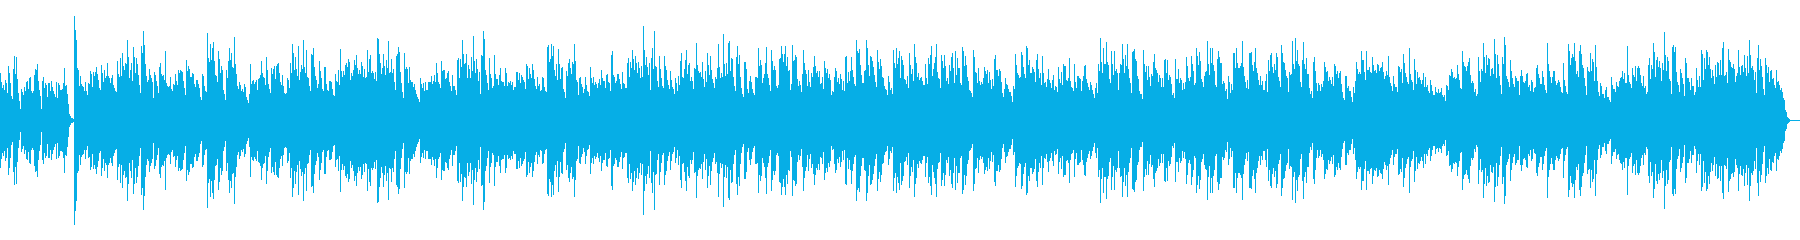 ジ・エンターテイナー ラグタイム ピアノの再生済みの波形